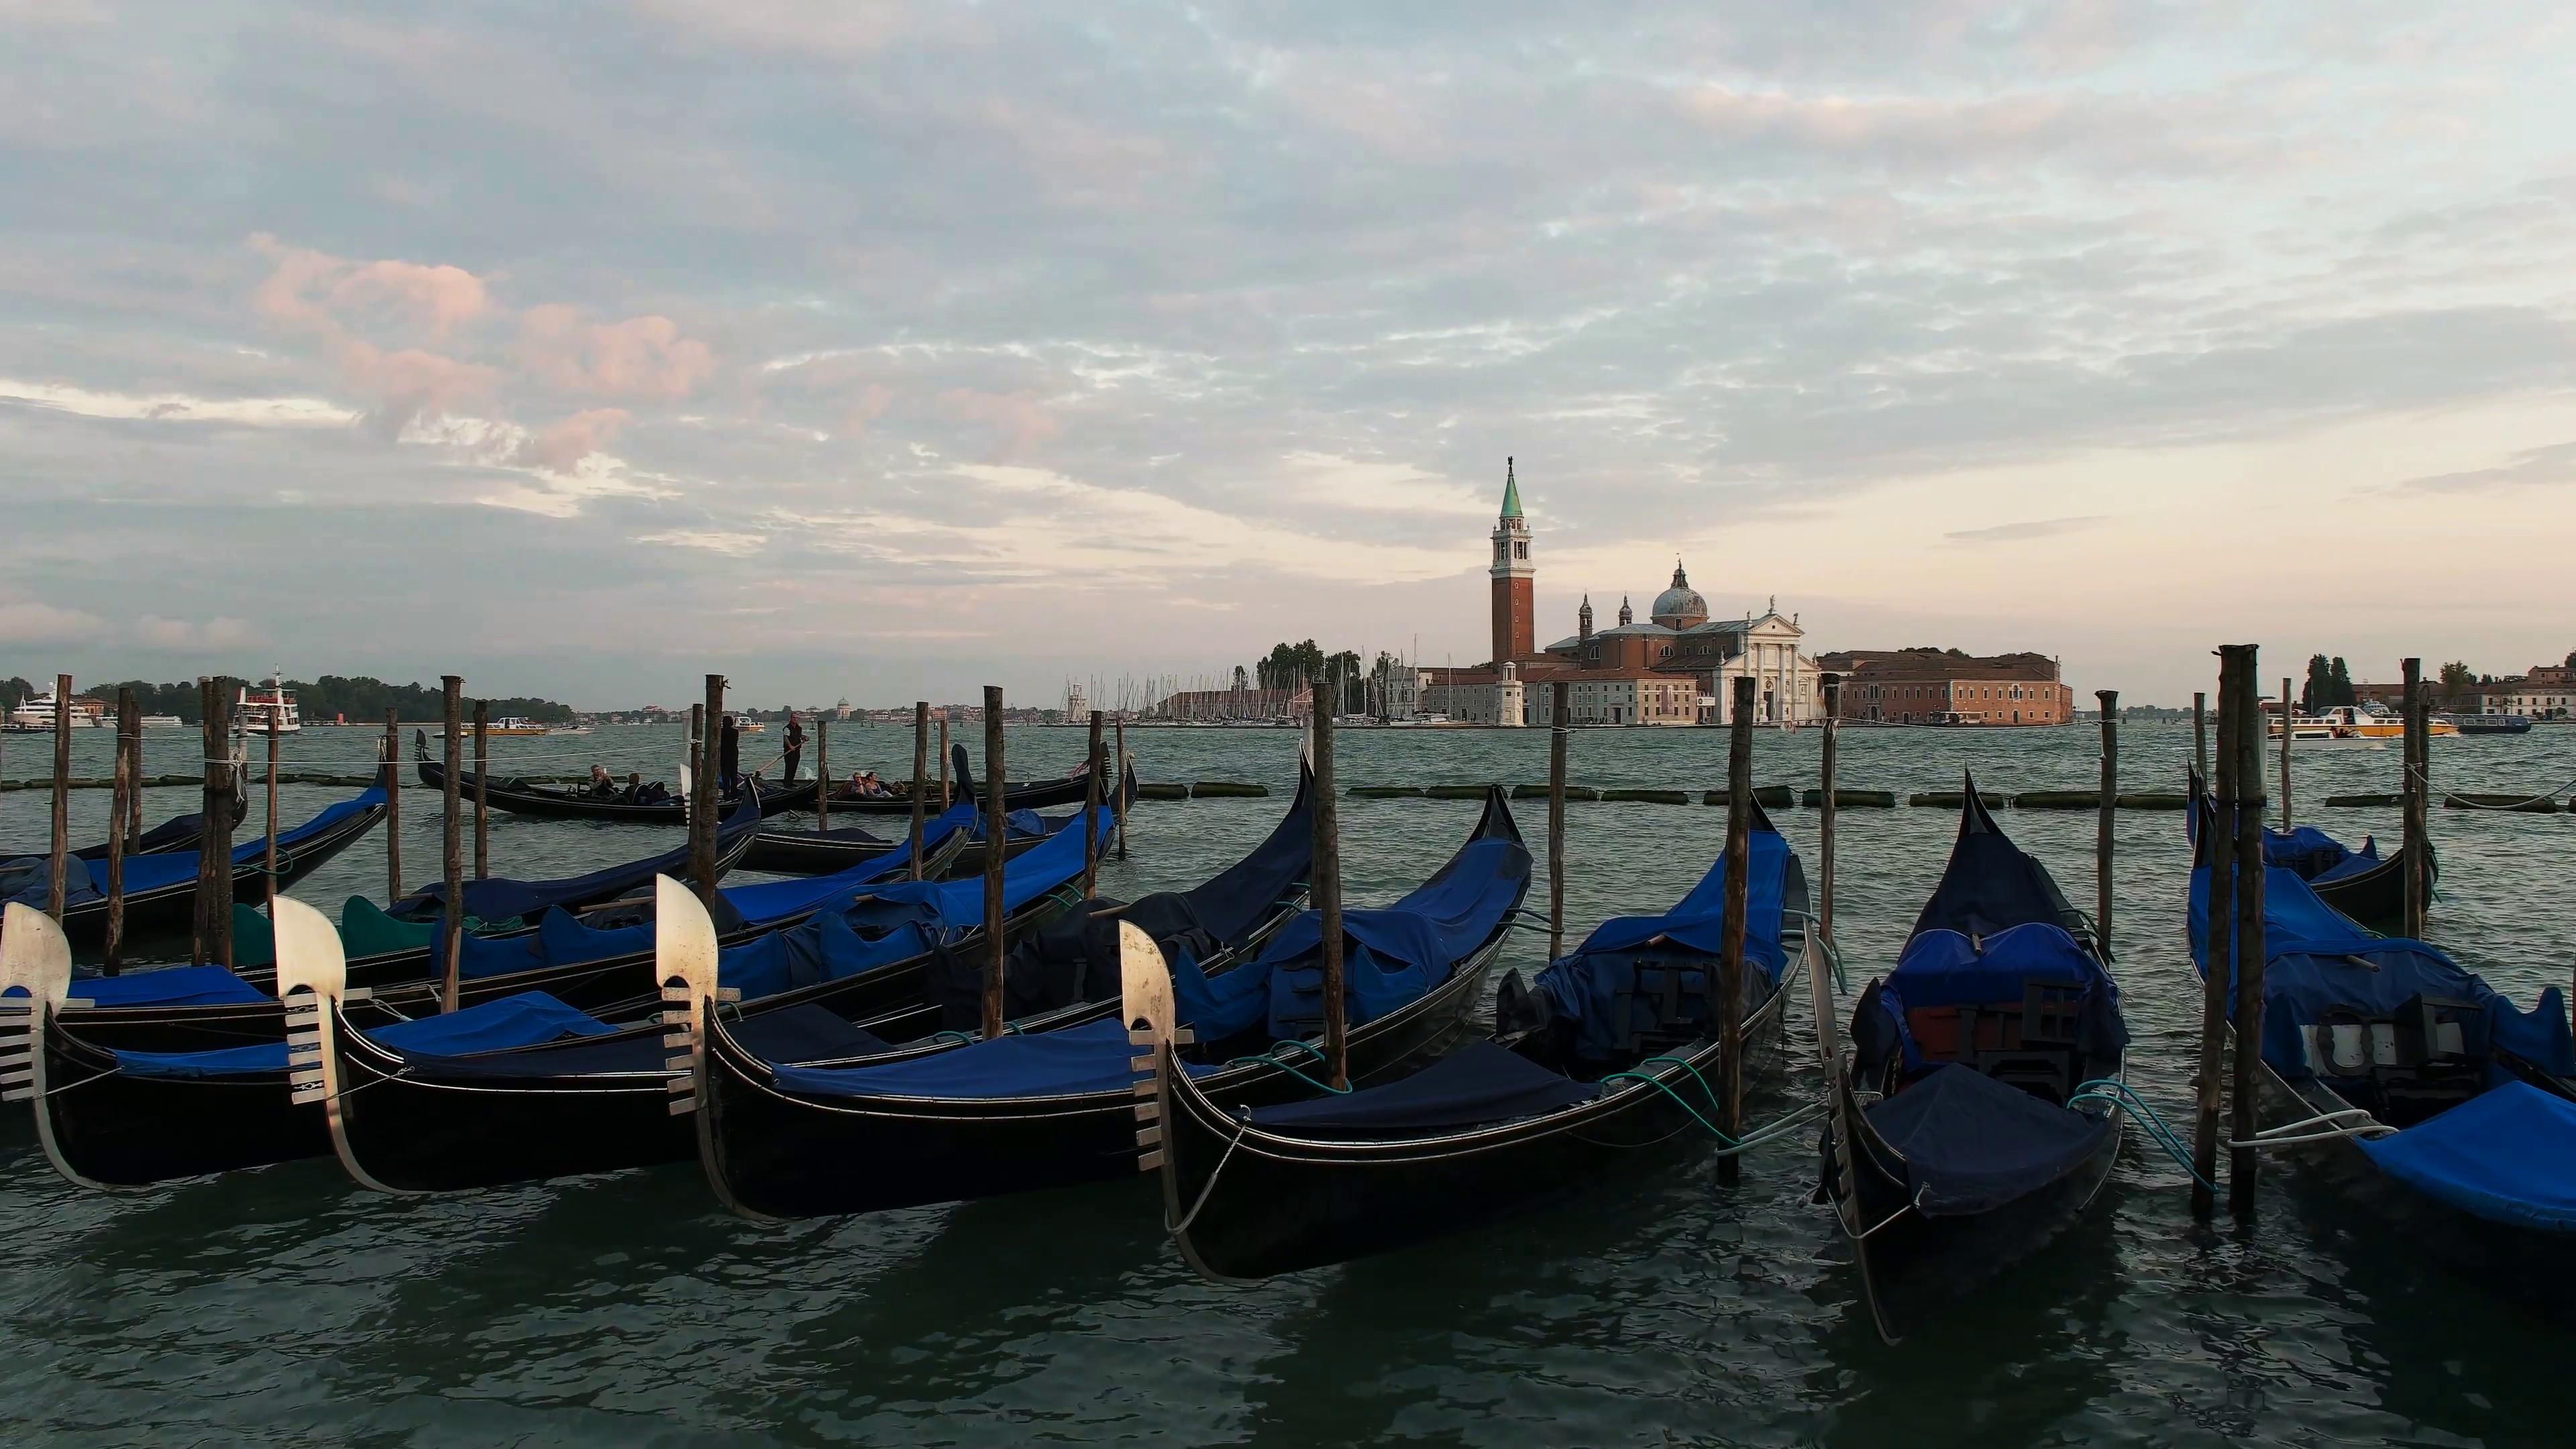 Maggiore and gondolas photo